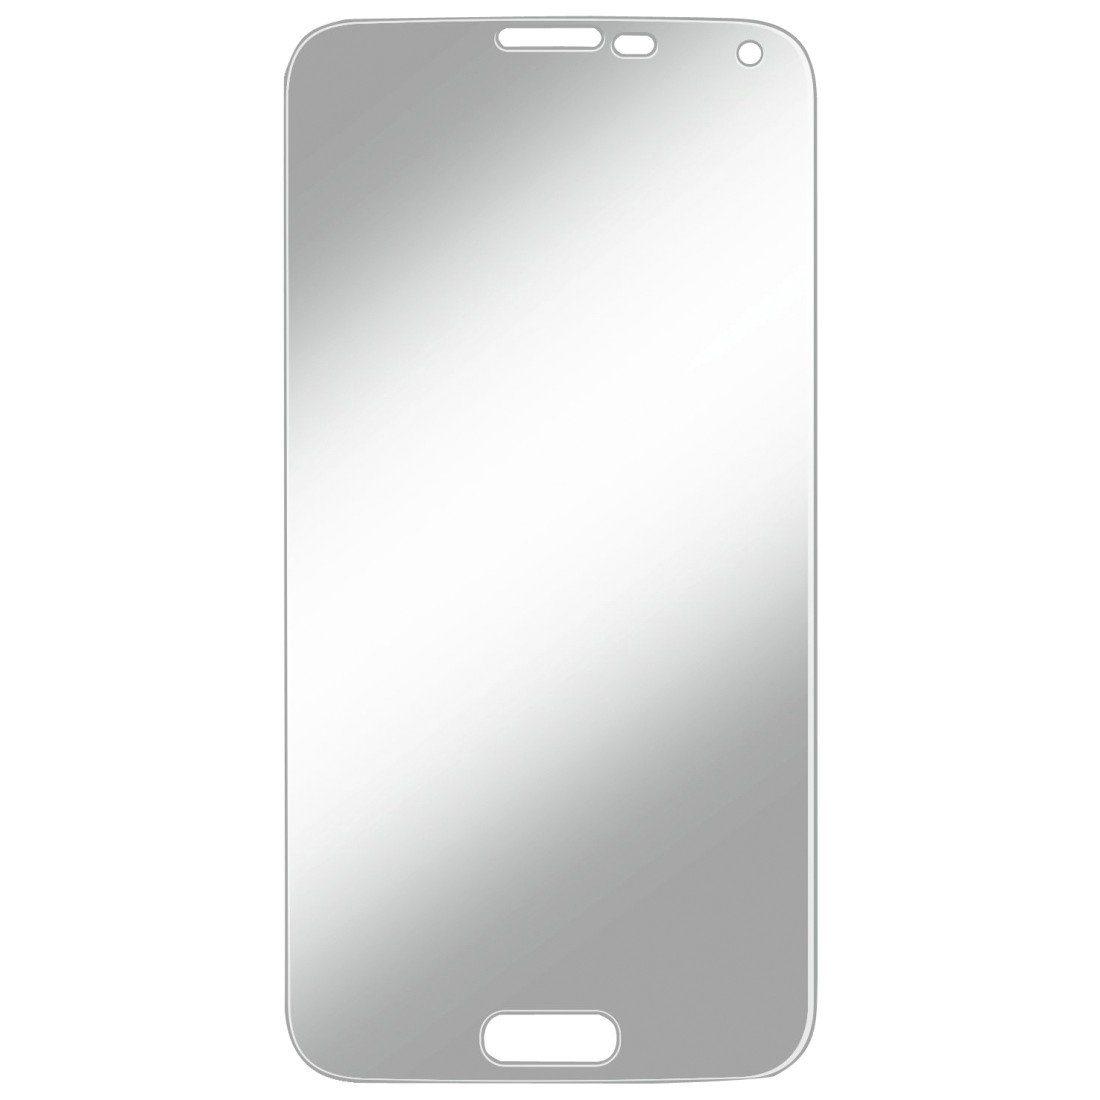 Hama Schutzfolie Displayschutzfolie für Samsung Galaxy S5 (Neo) »stoßfeste Anti-Schock-Folie«